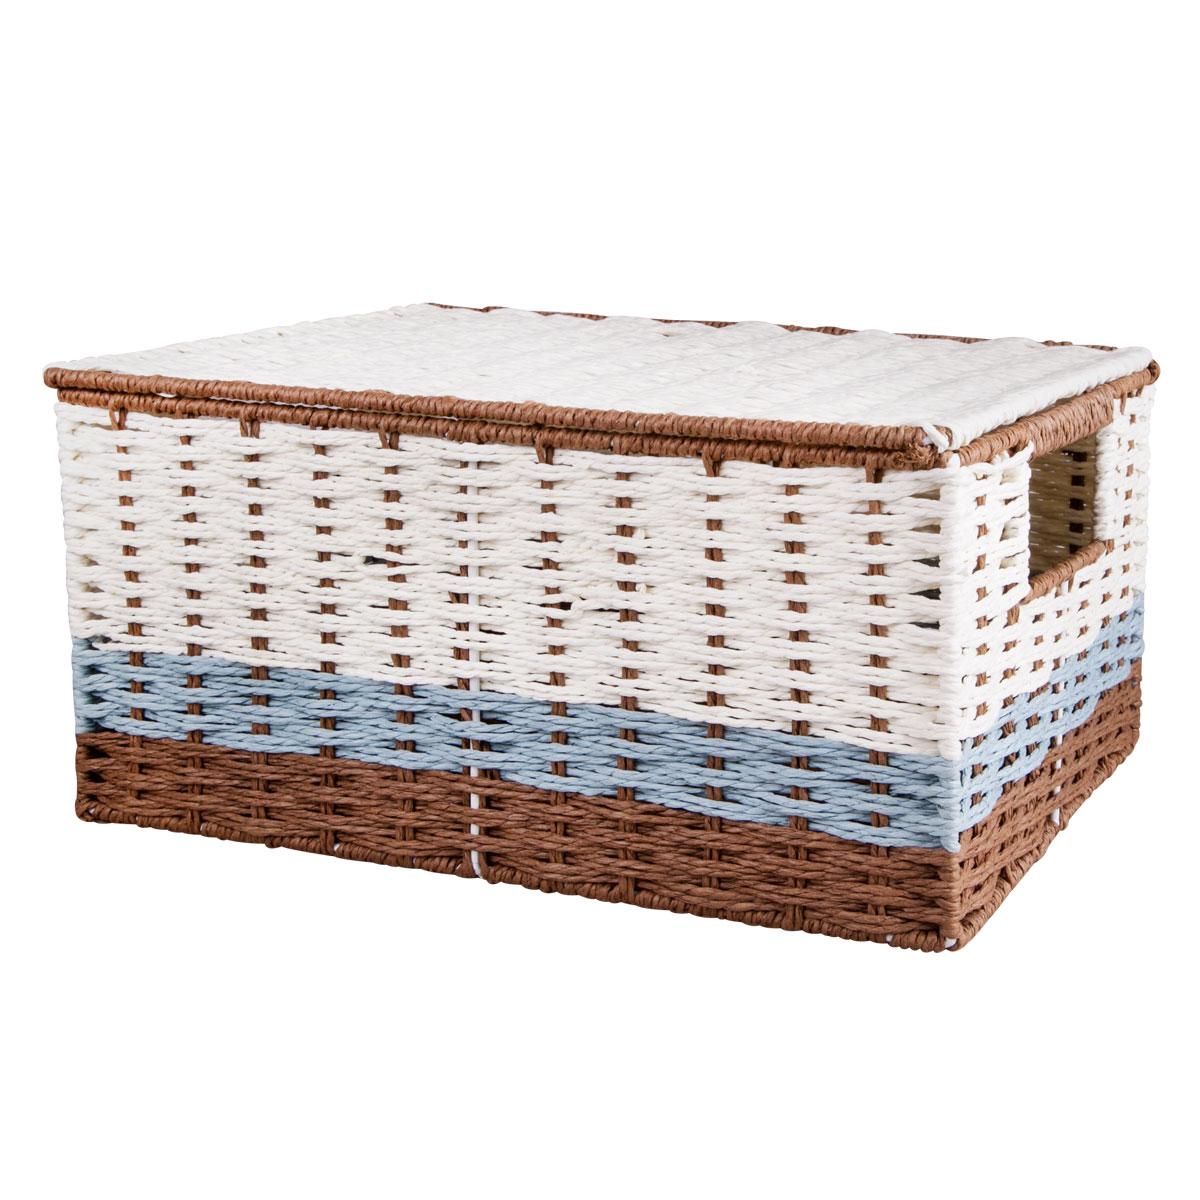 Корзина для хранения Miolla, с крышкой и ручками, 45 х 33 х 21 см . BSK5-L19201Лучшее решение для хранения вещей - корзина для хранения Miolla. Экономьте полезное пространство своего дома, уберите ненужные вещи в удобную корзину и используйте ее для хранения дорогих сердцу вещей, которые нужно сберечь в целости и сохранности.